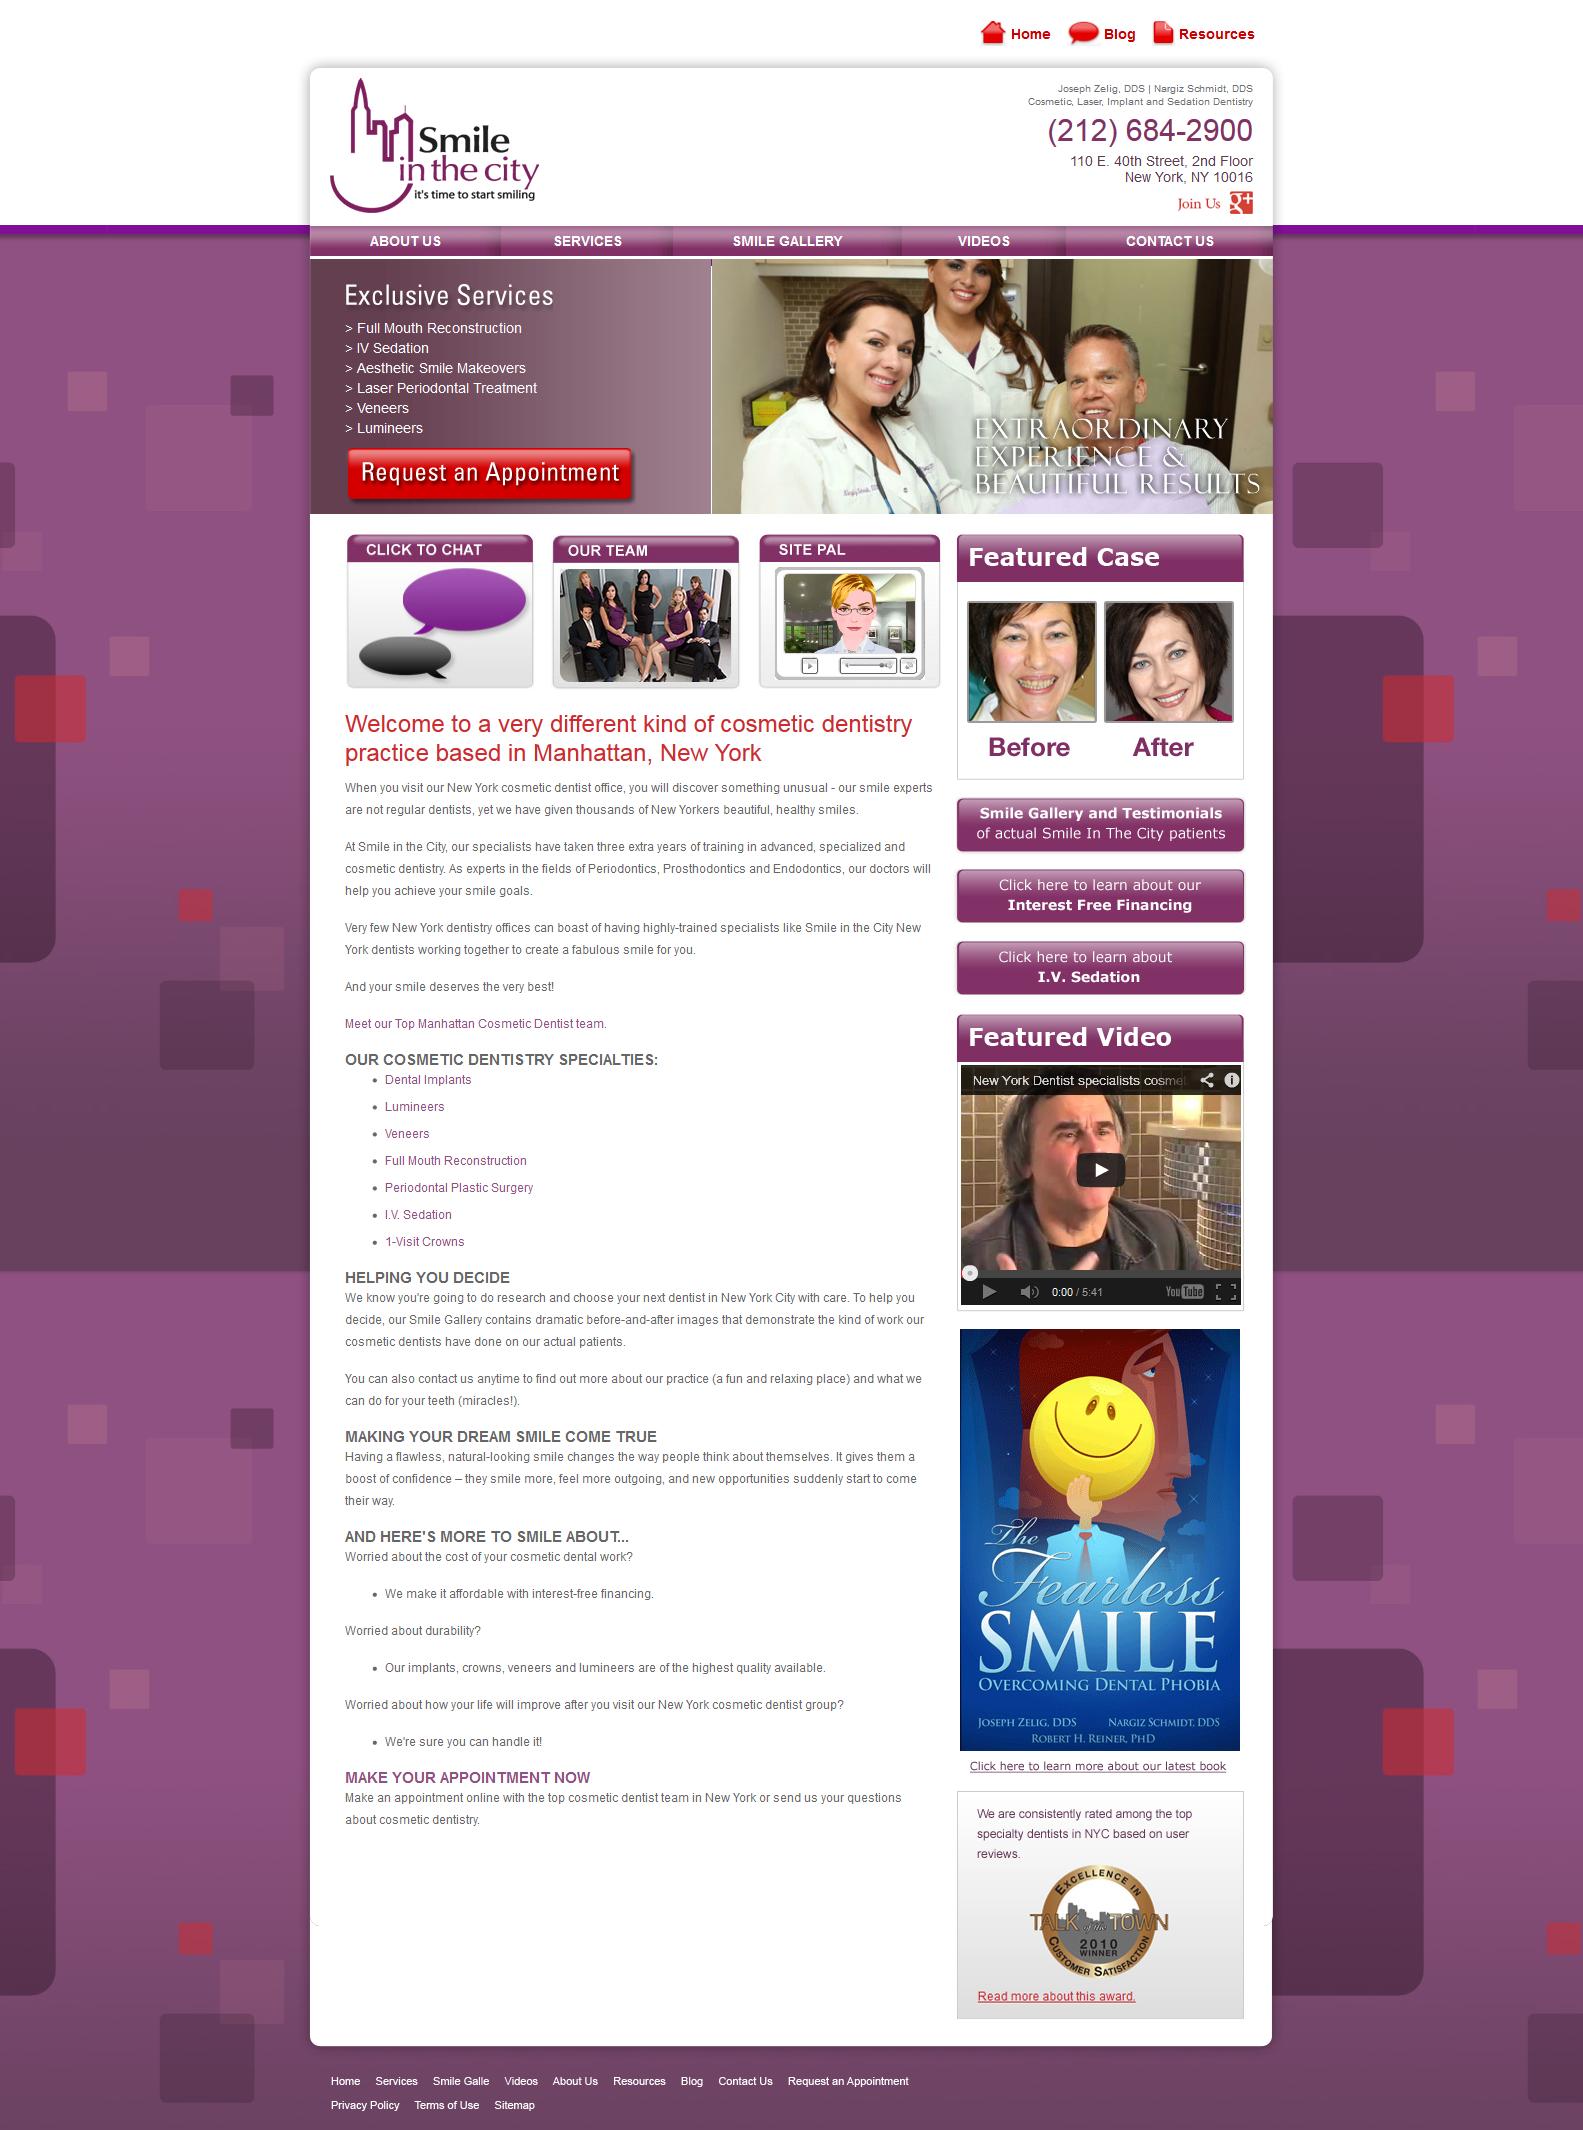 I Design this Website landing Page for smileinthecity. I am using Photoshop CS5  www.smileinthecity.com